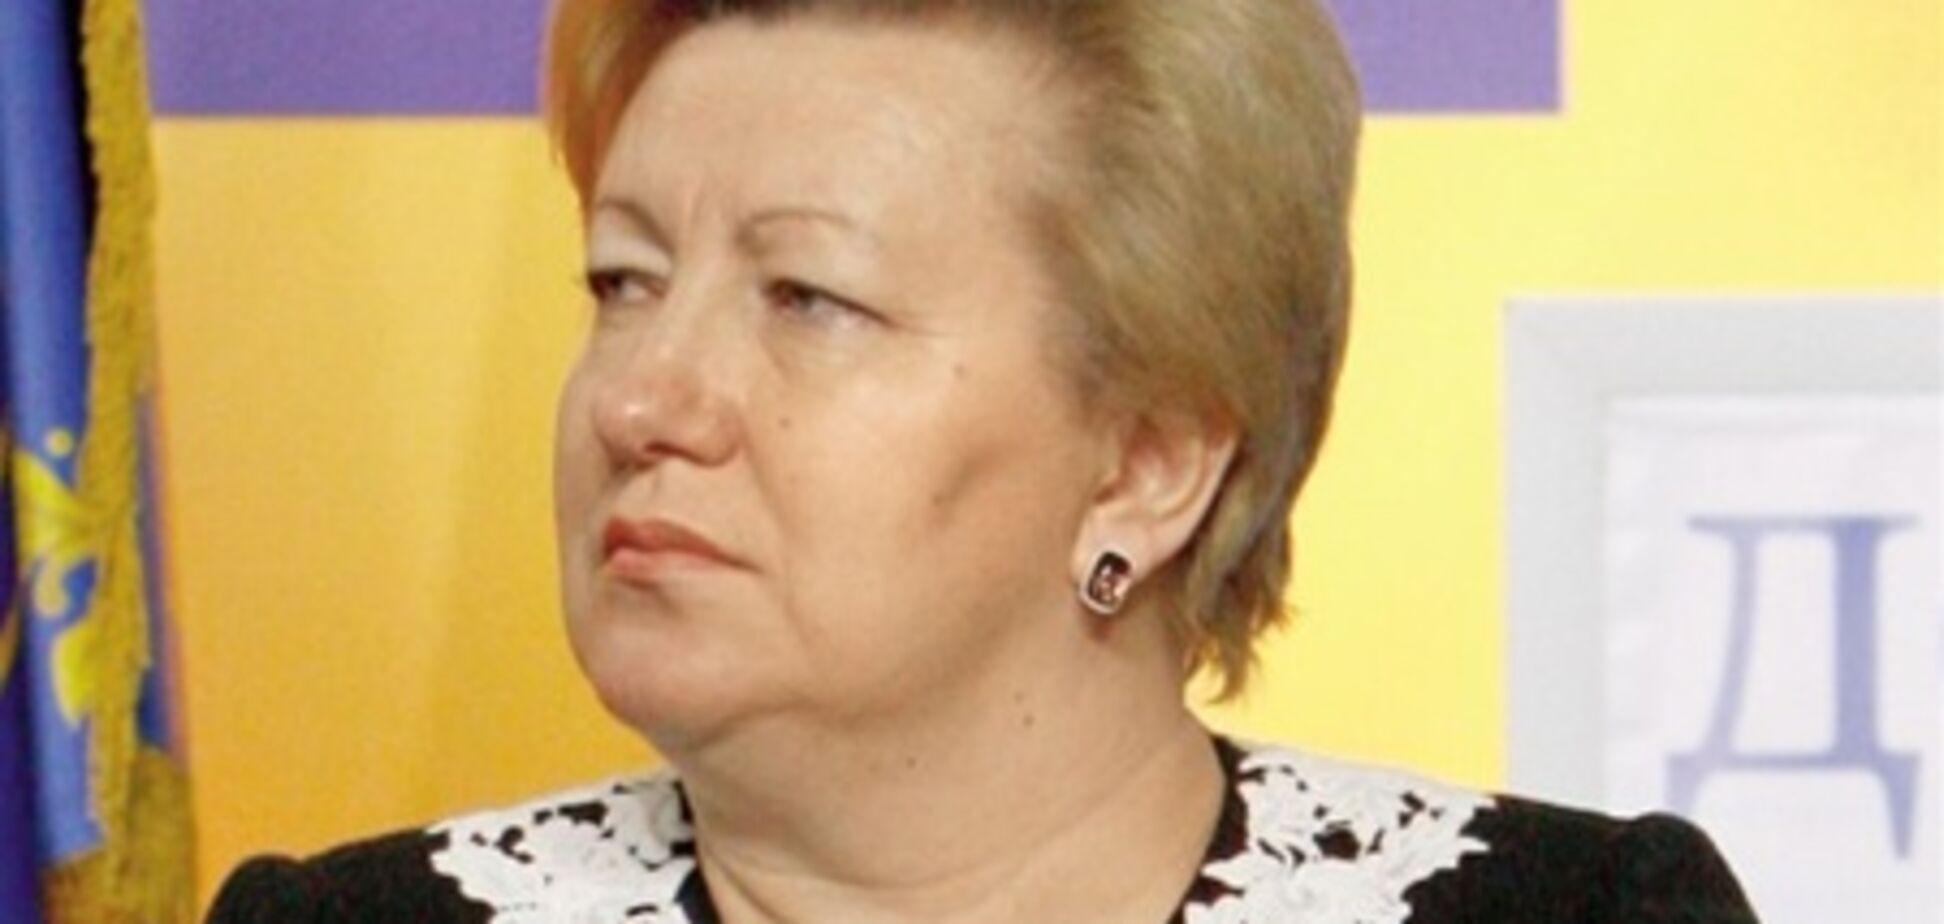 Інформація про арешт Ульянченко виявилася неправдивою